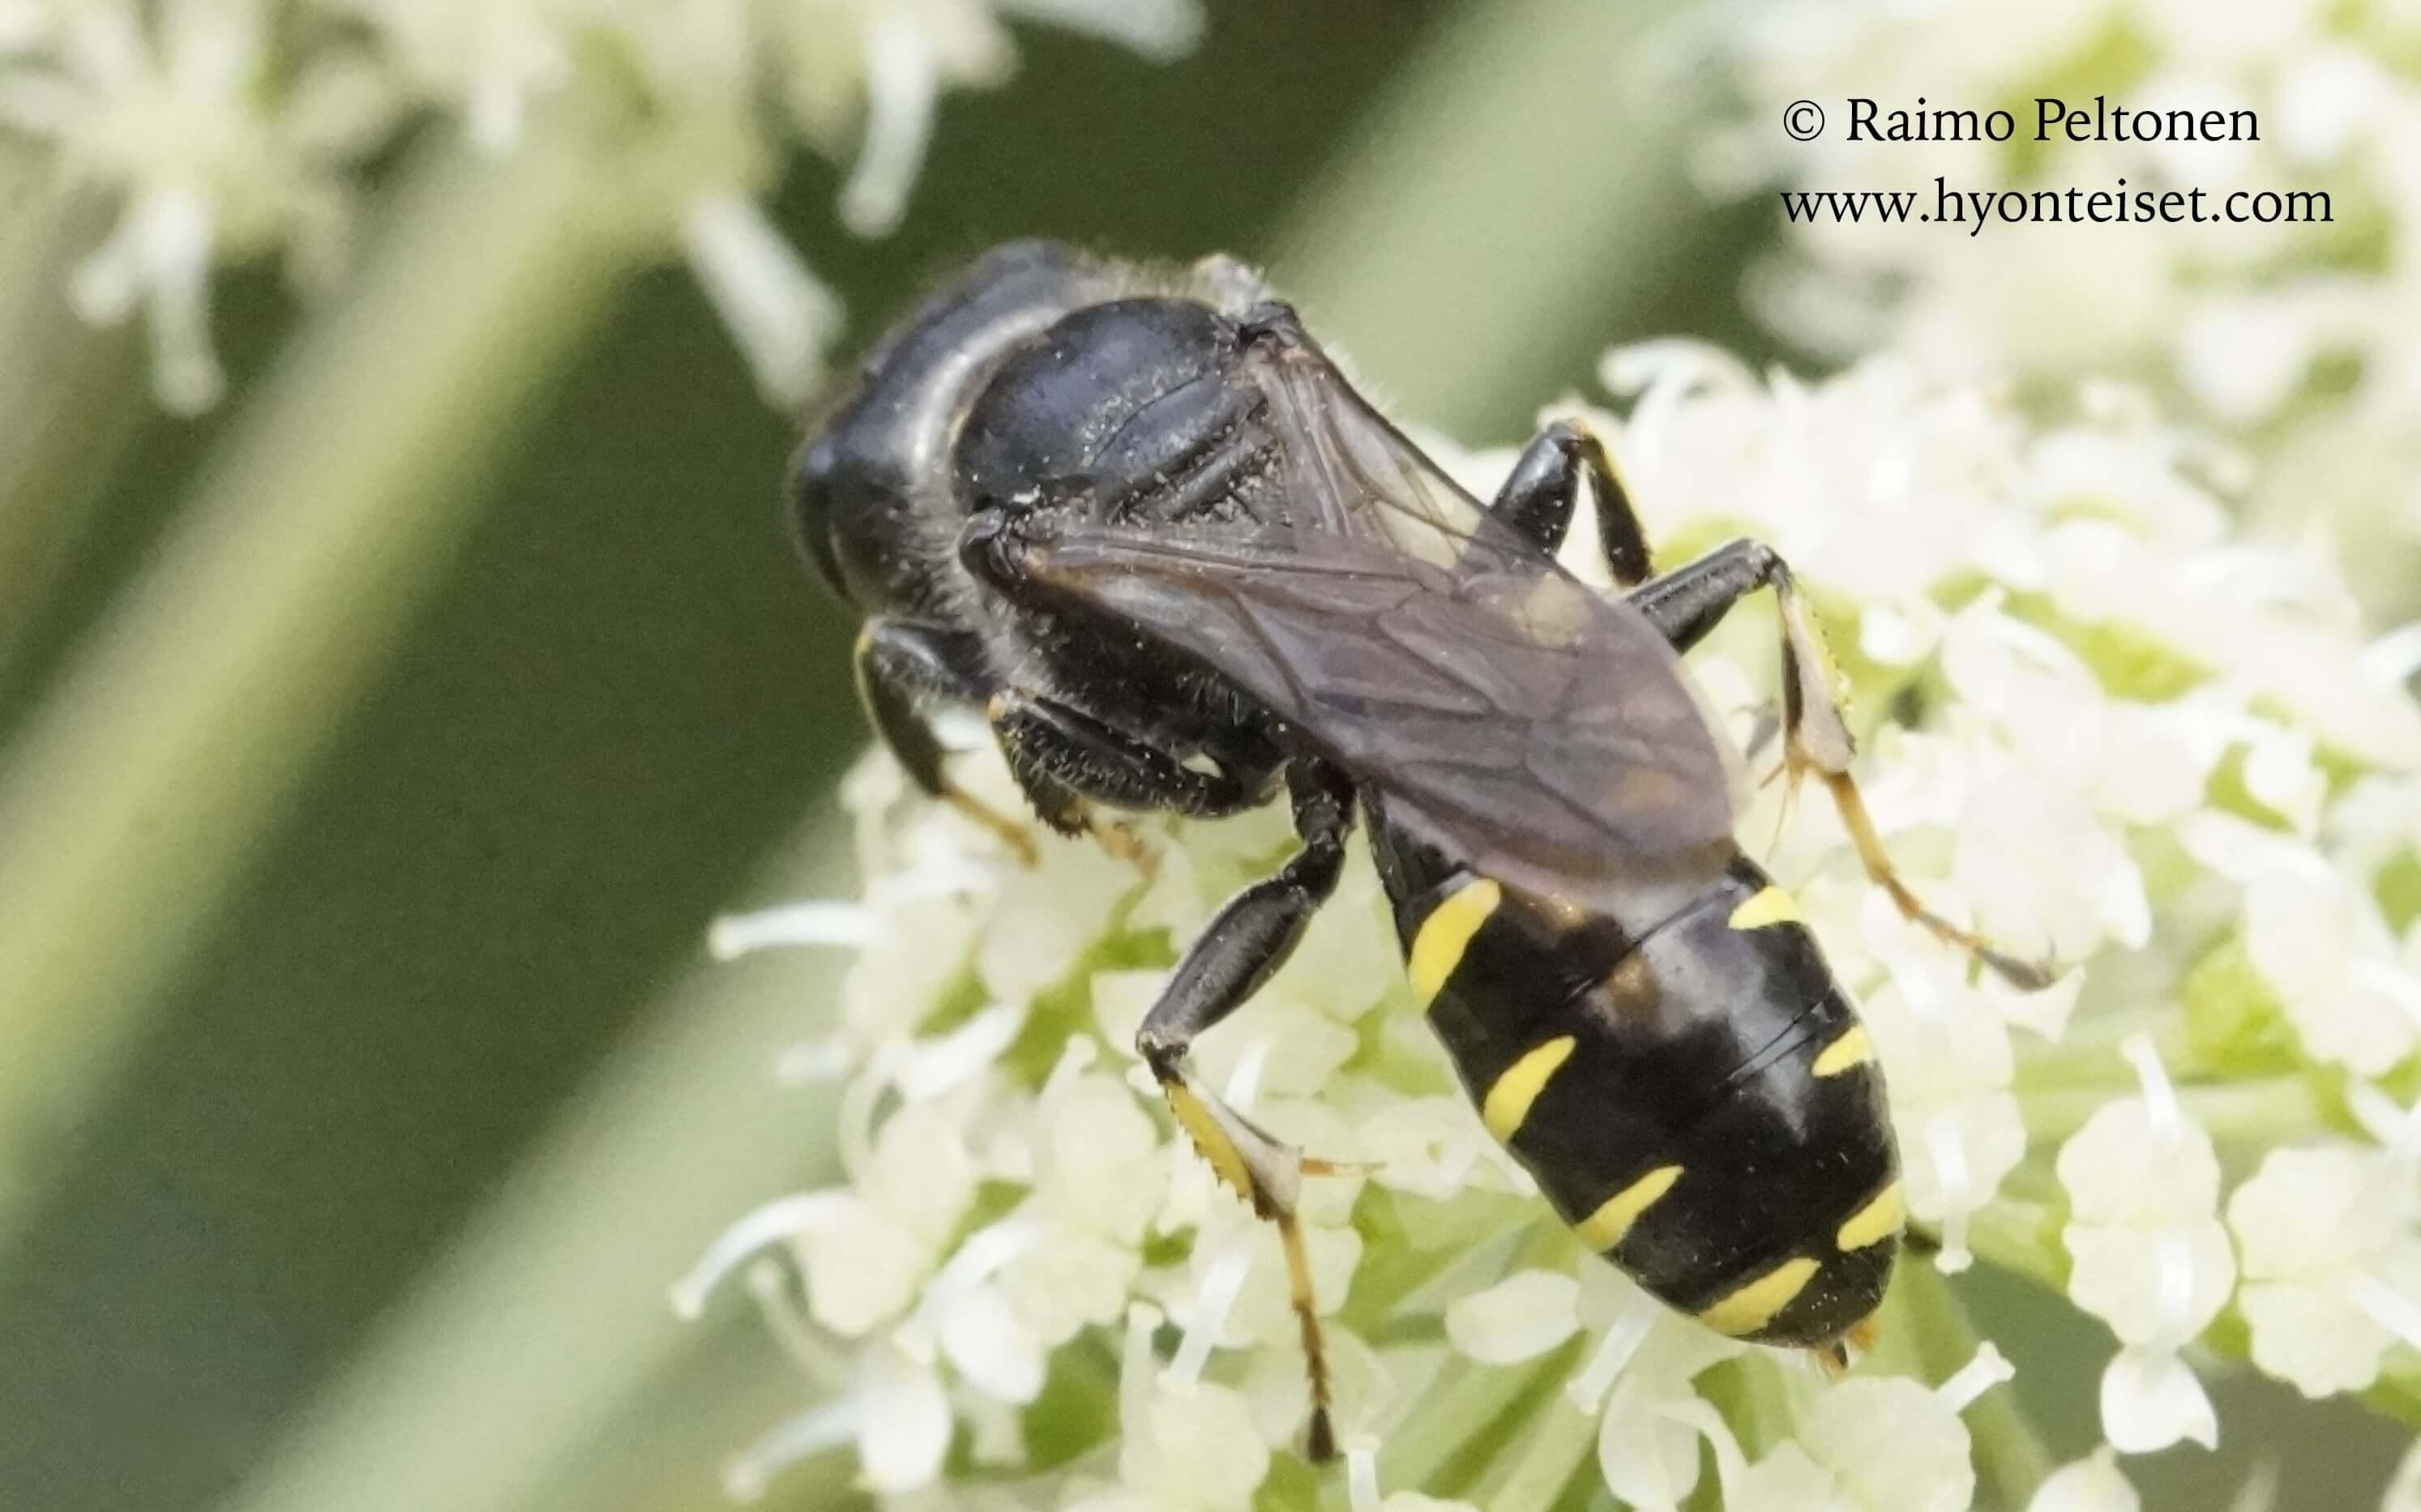 Ectemnius sp.-kärpäshukka, naaras (det. Juho Paukkunen), 28.7.2016 Jyväskylä